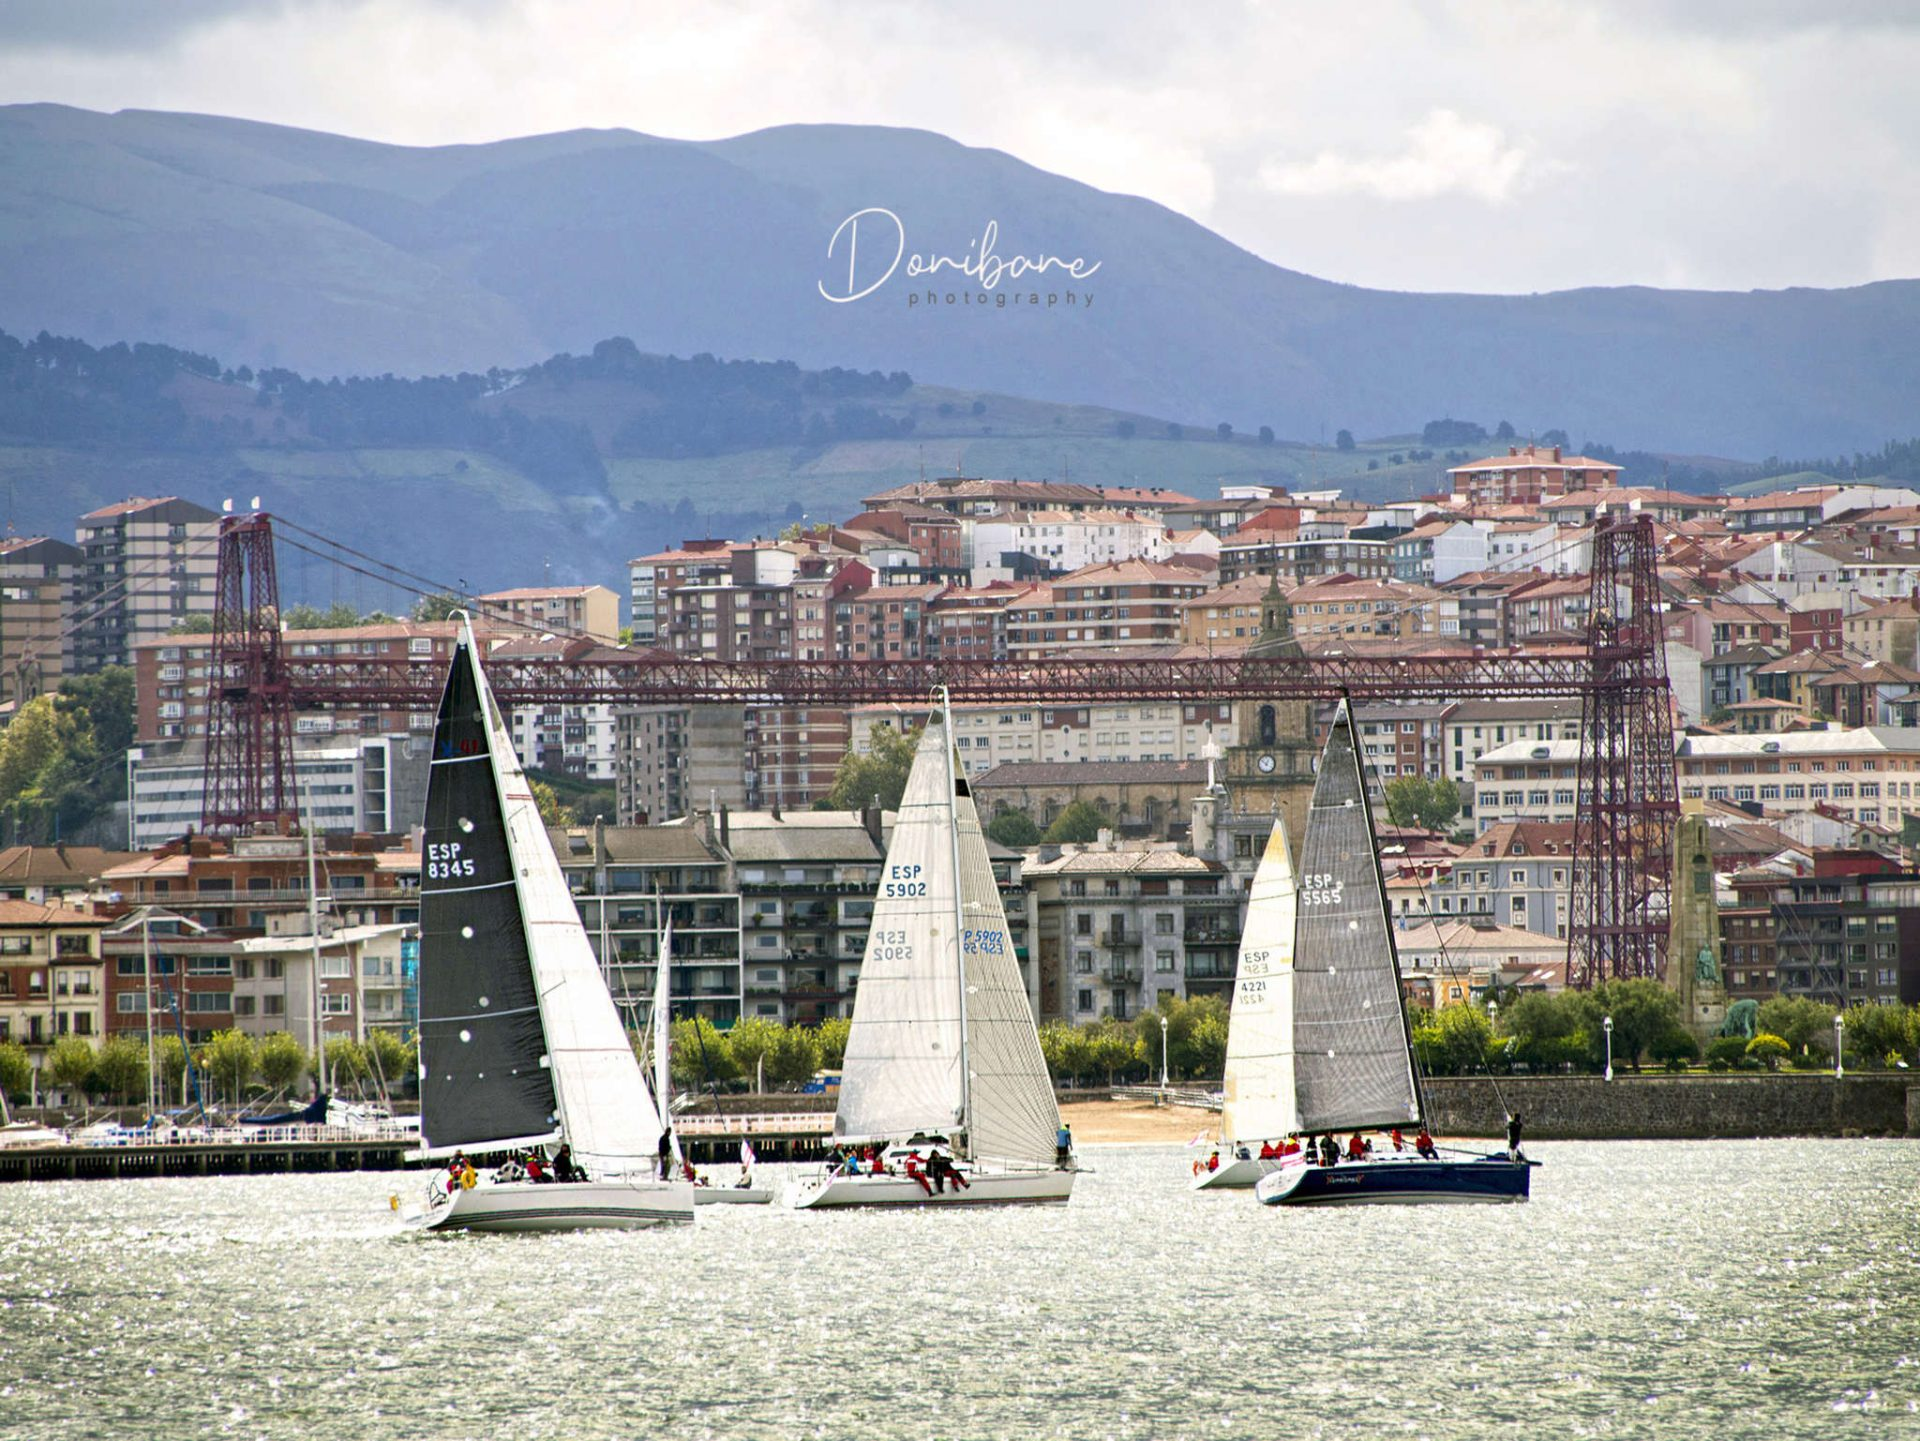 Fotografia de turismo por Donibane